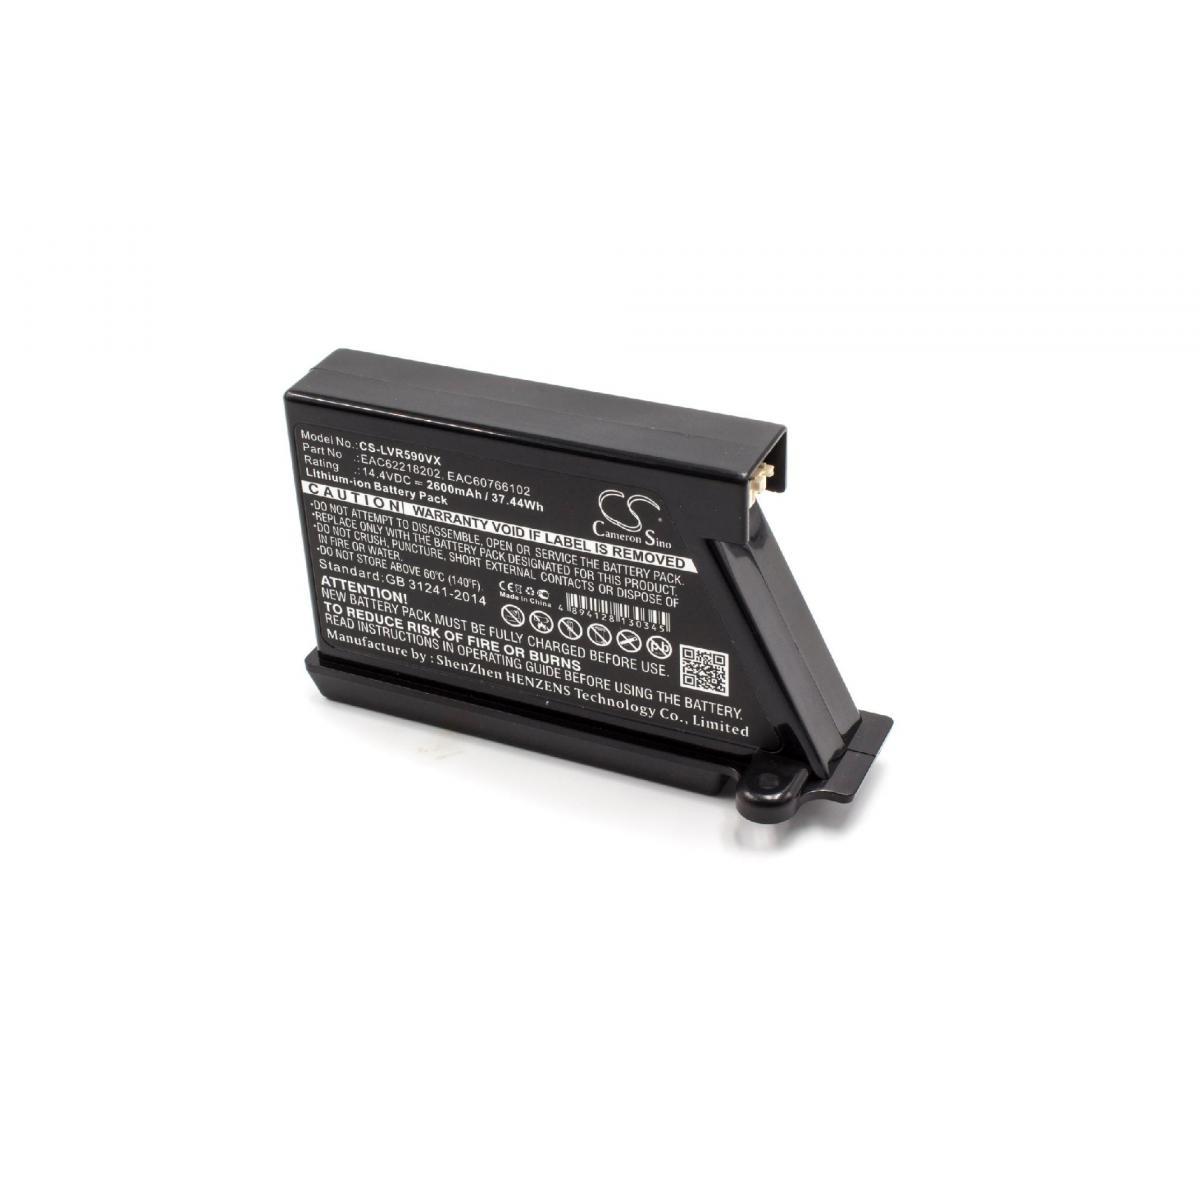 Vhbw vhbw Batterie compatible avec LG HOM-BOT LRV5900, LRV5900R, LRV590S, LRV790R robot électroménager (2600mAh, 14,4V, Li-io